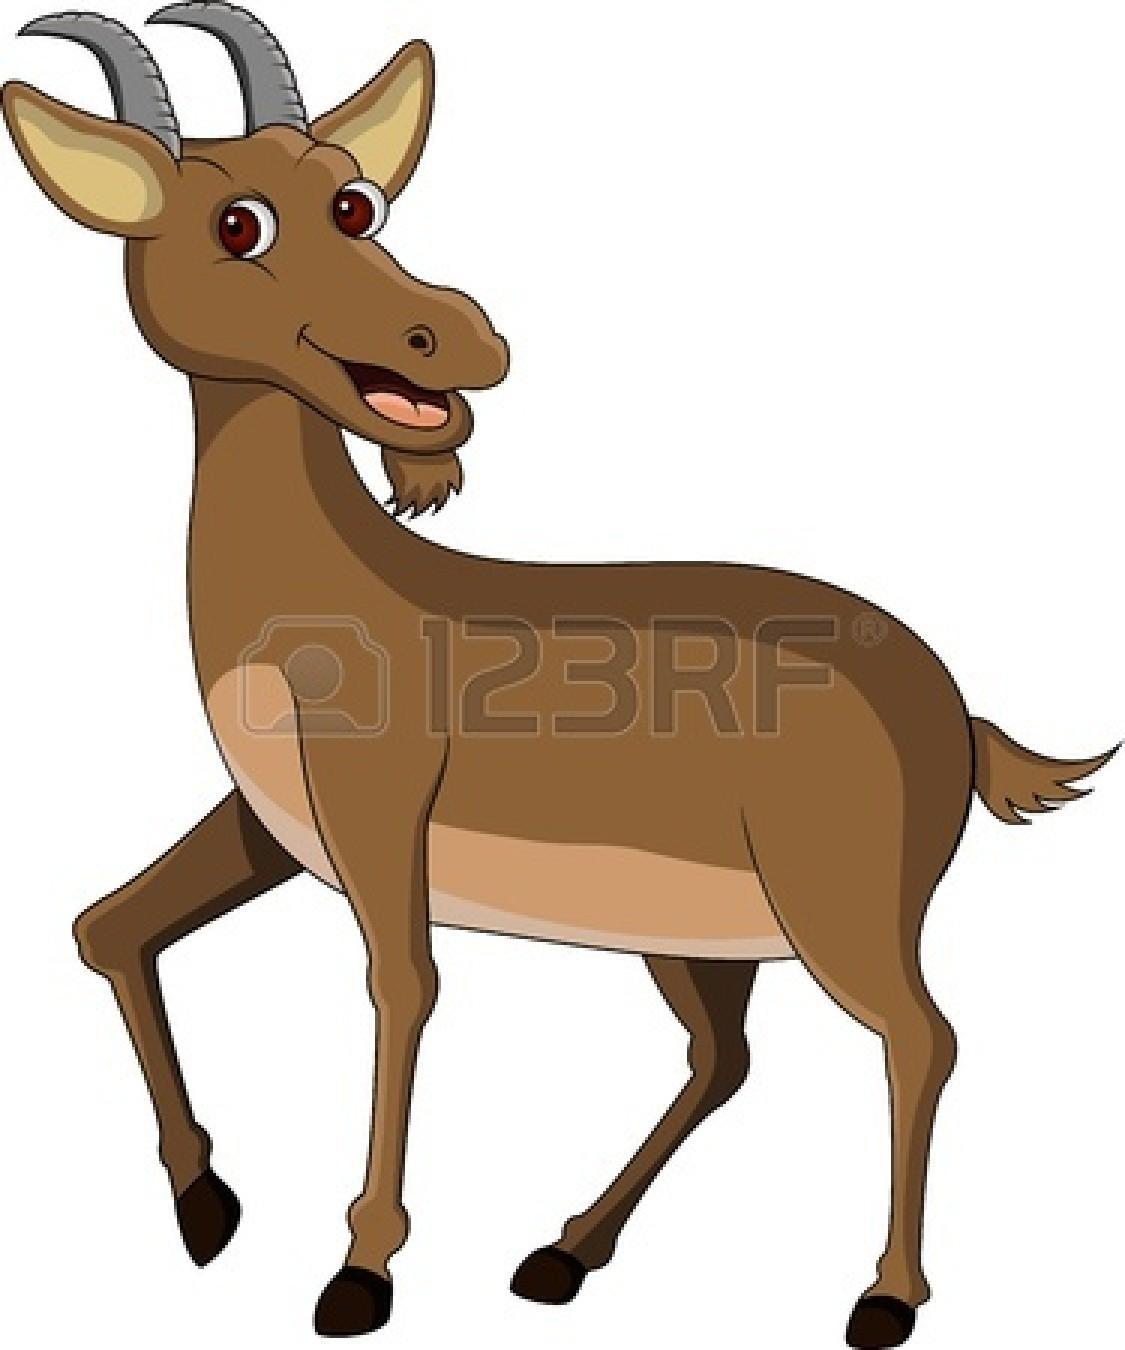 1125x1350 Pygmy Goat Clipart